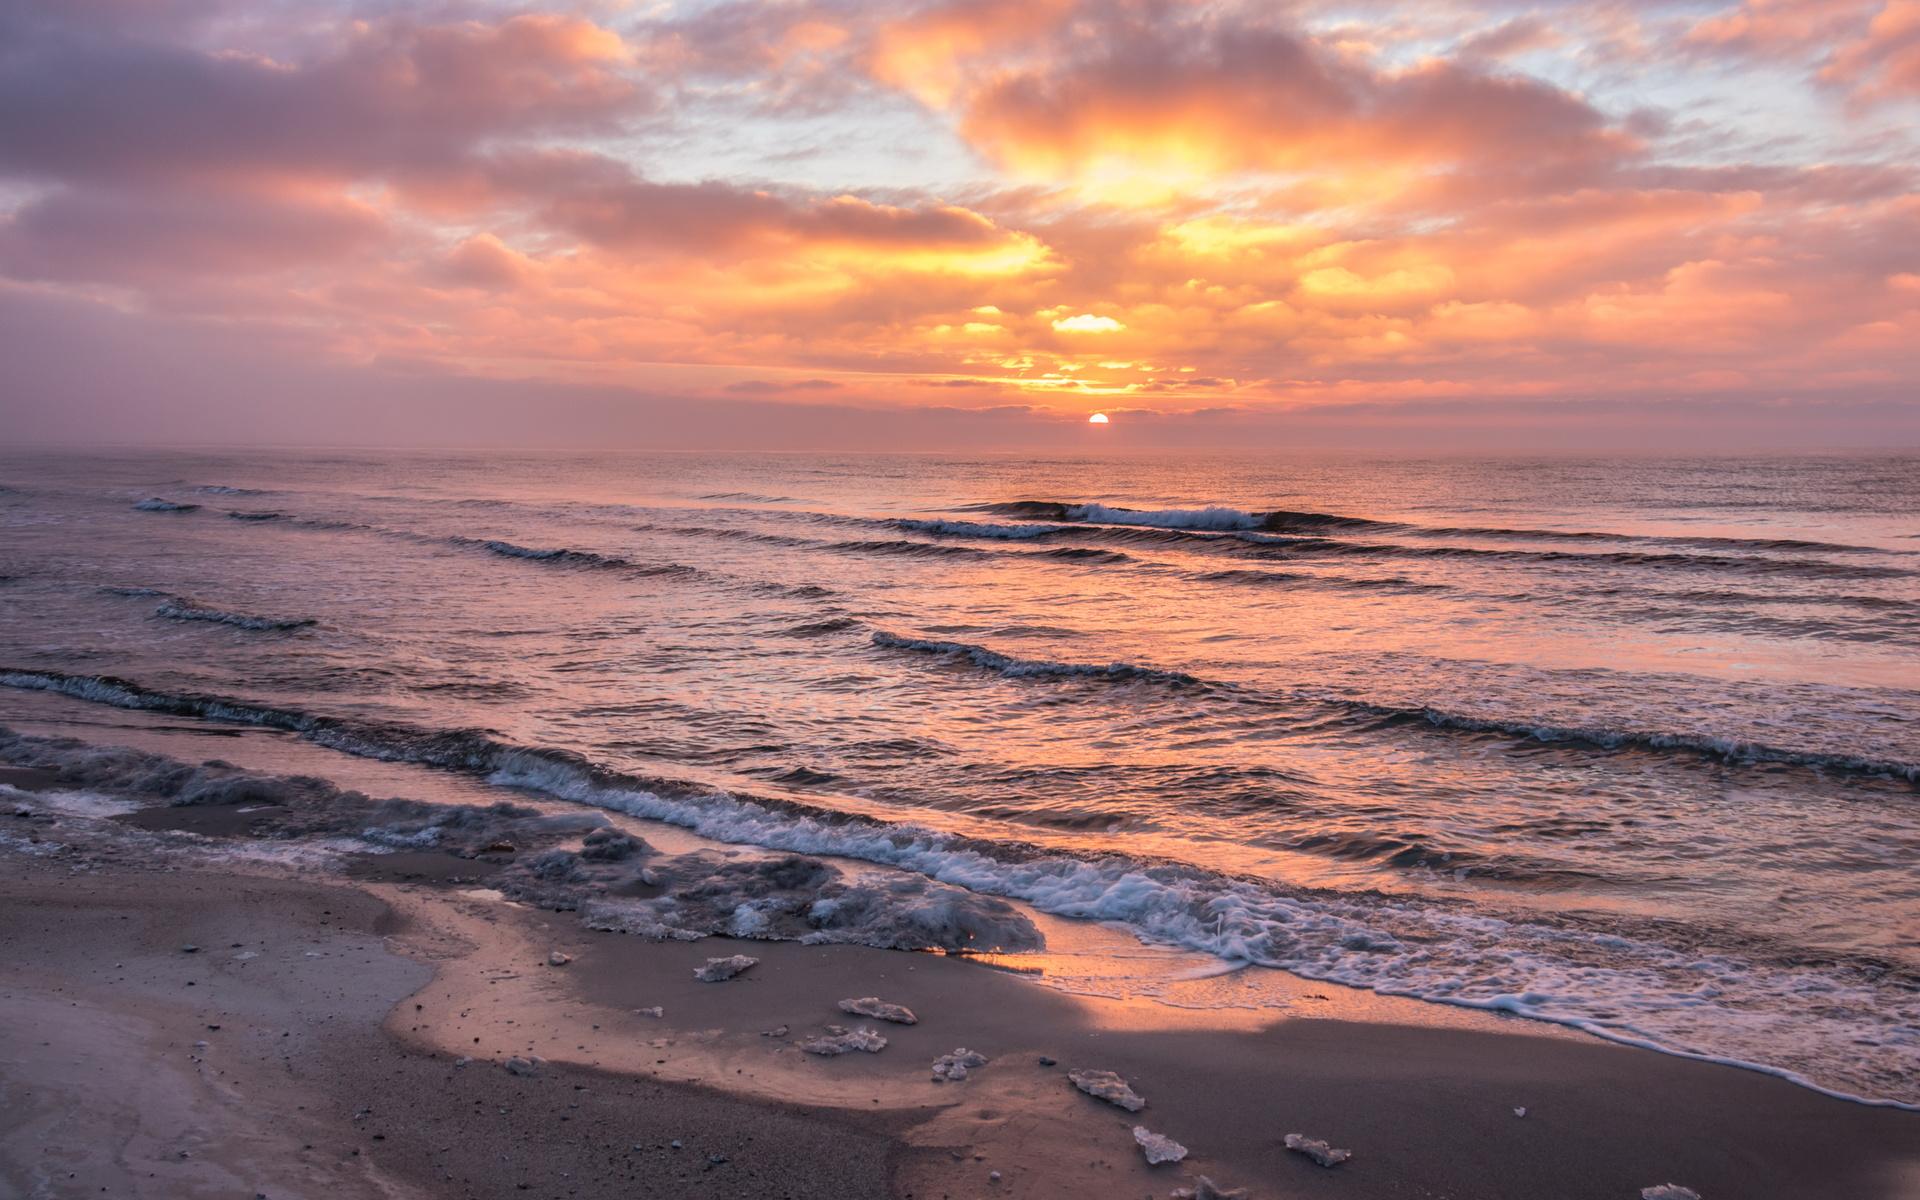 море, океан, рассвет, прибой, волны, песок, берег, пляж, облака, солнце, закат